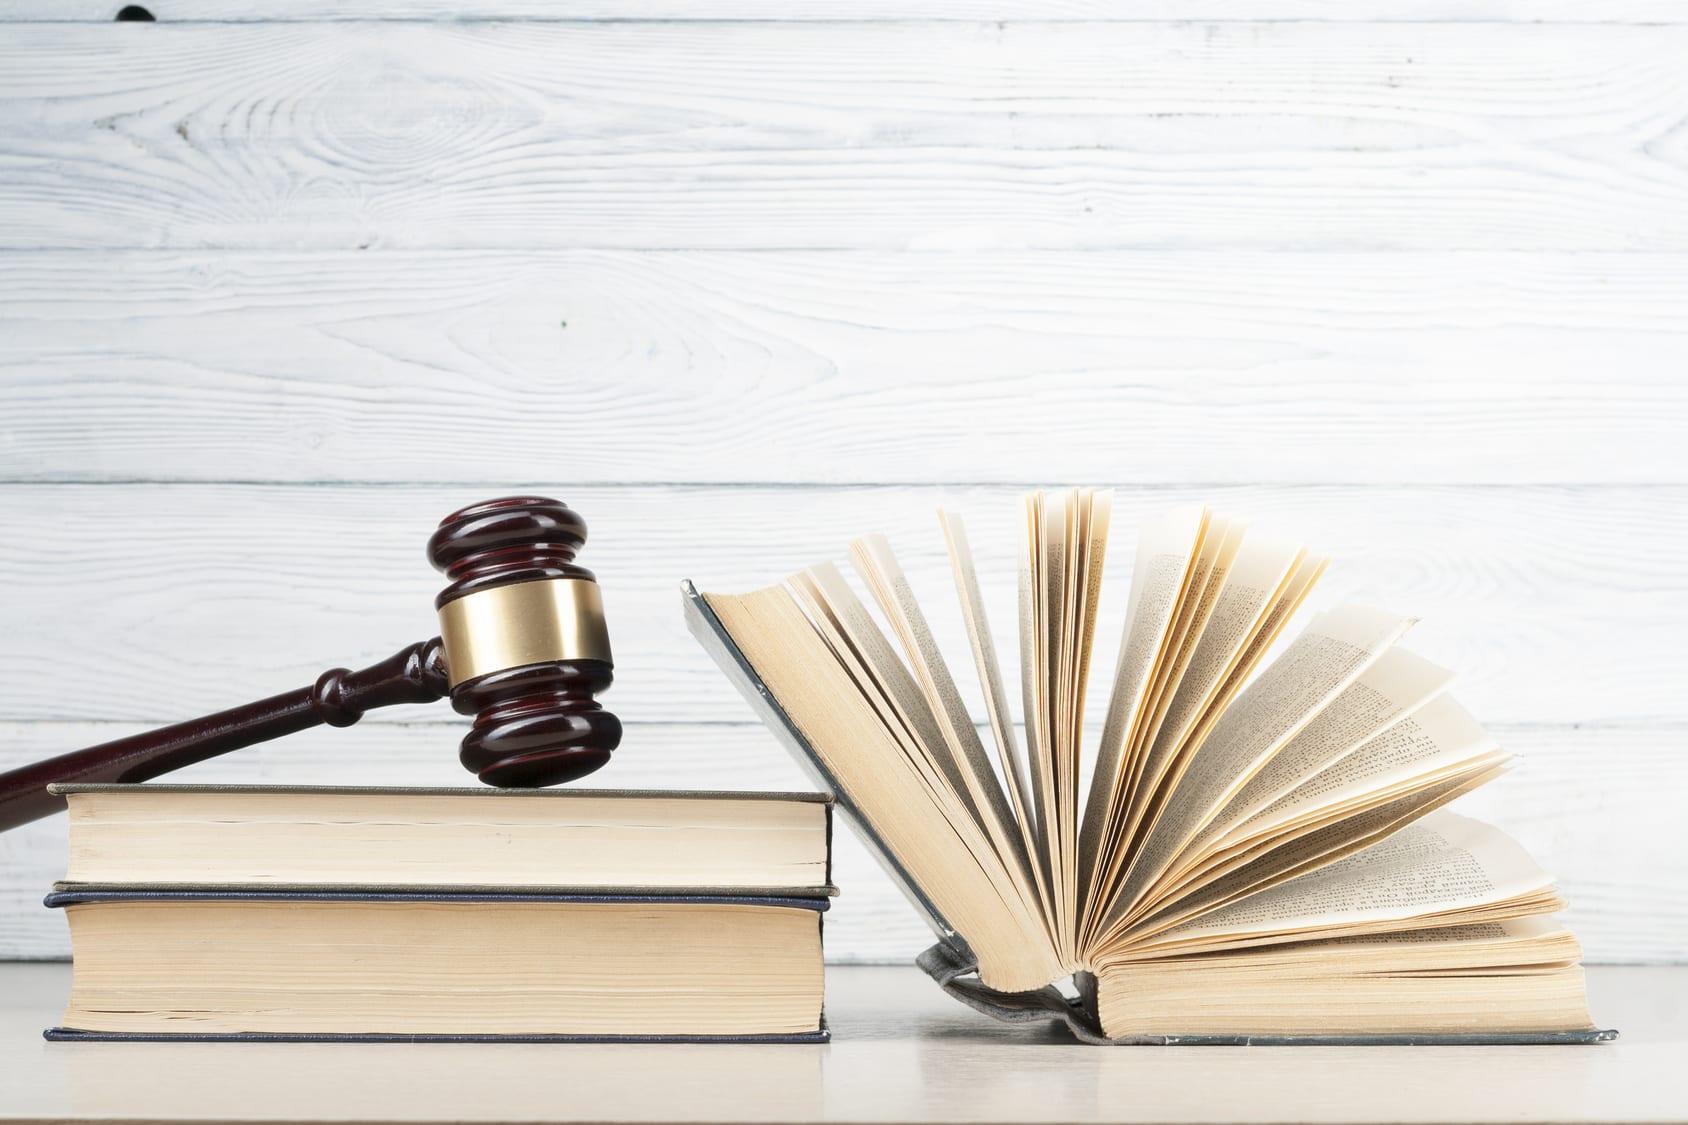 Sau hơn 6 năm thực hiện, Luật Nhà ở năm 2014 còn nhiều mặt hạn chế, vướng mắc, chưa phù hợp với thực tiễn. Ảnh minh họa